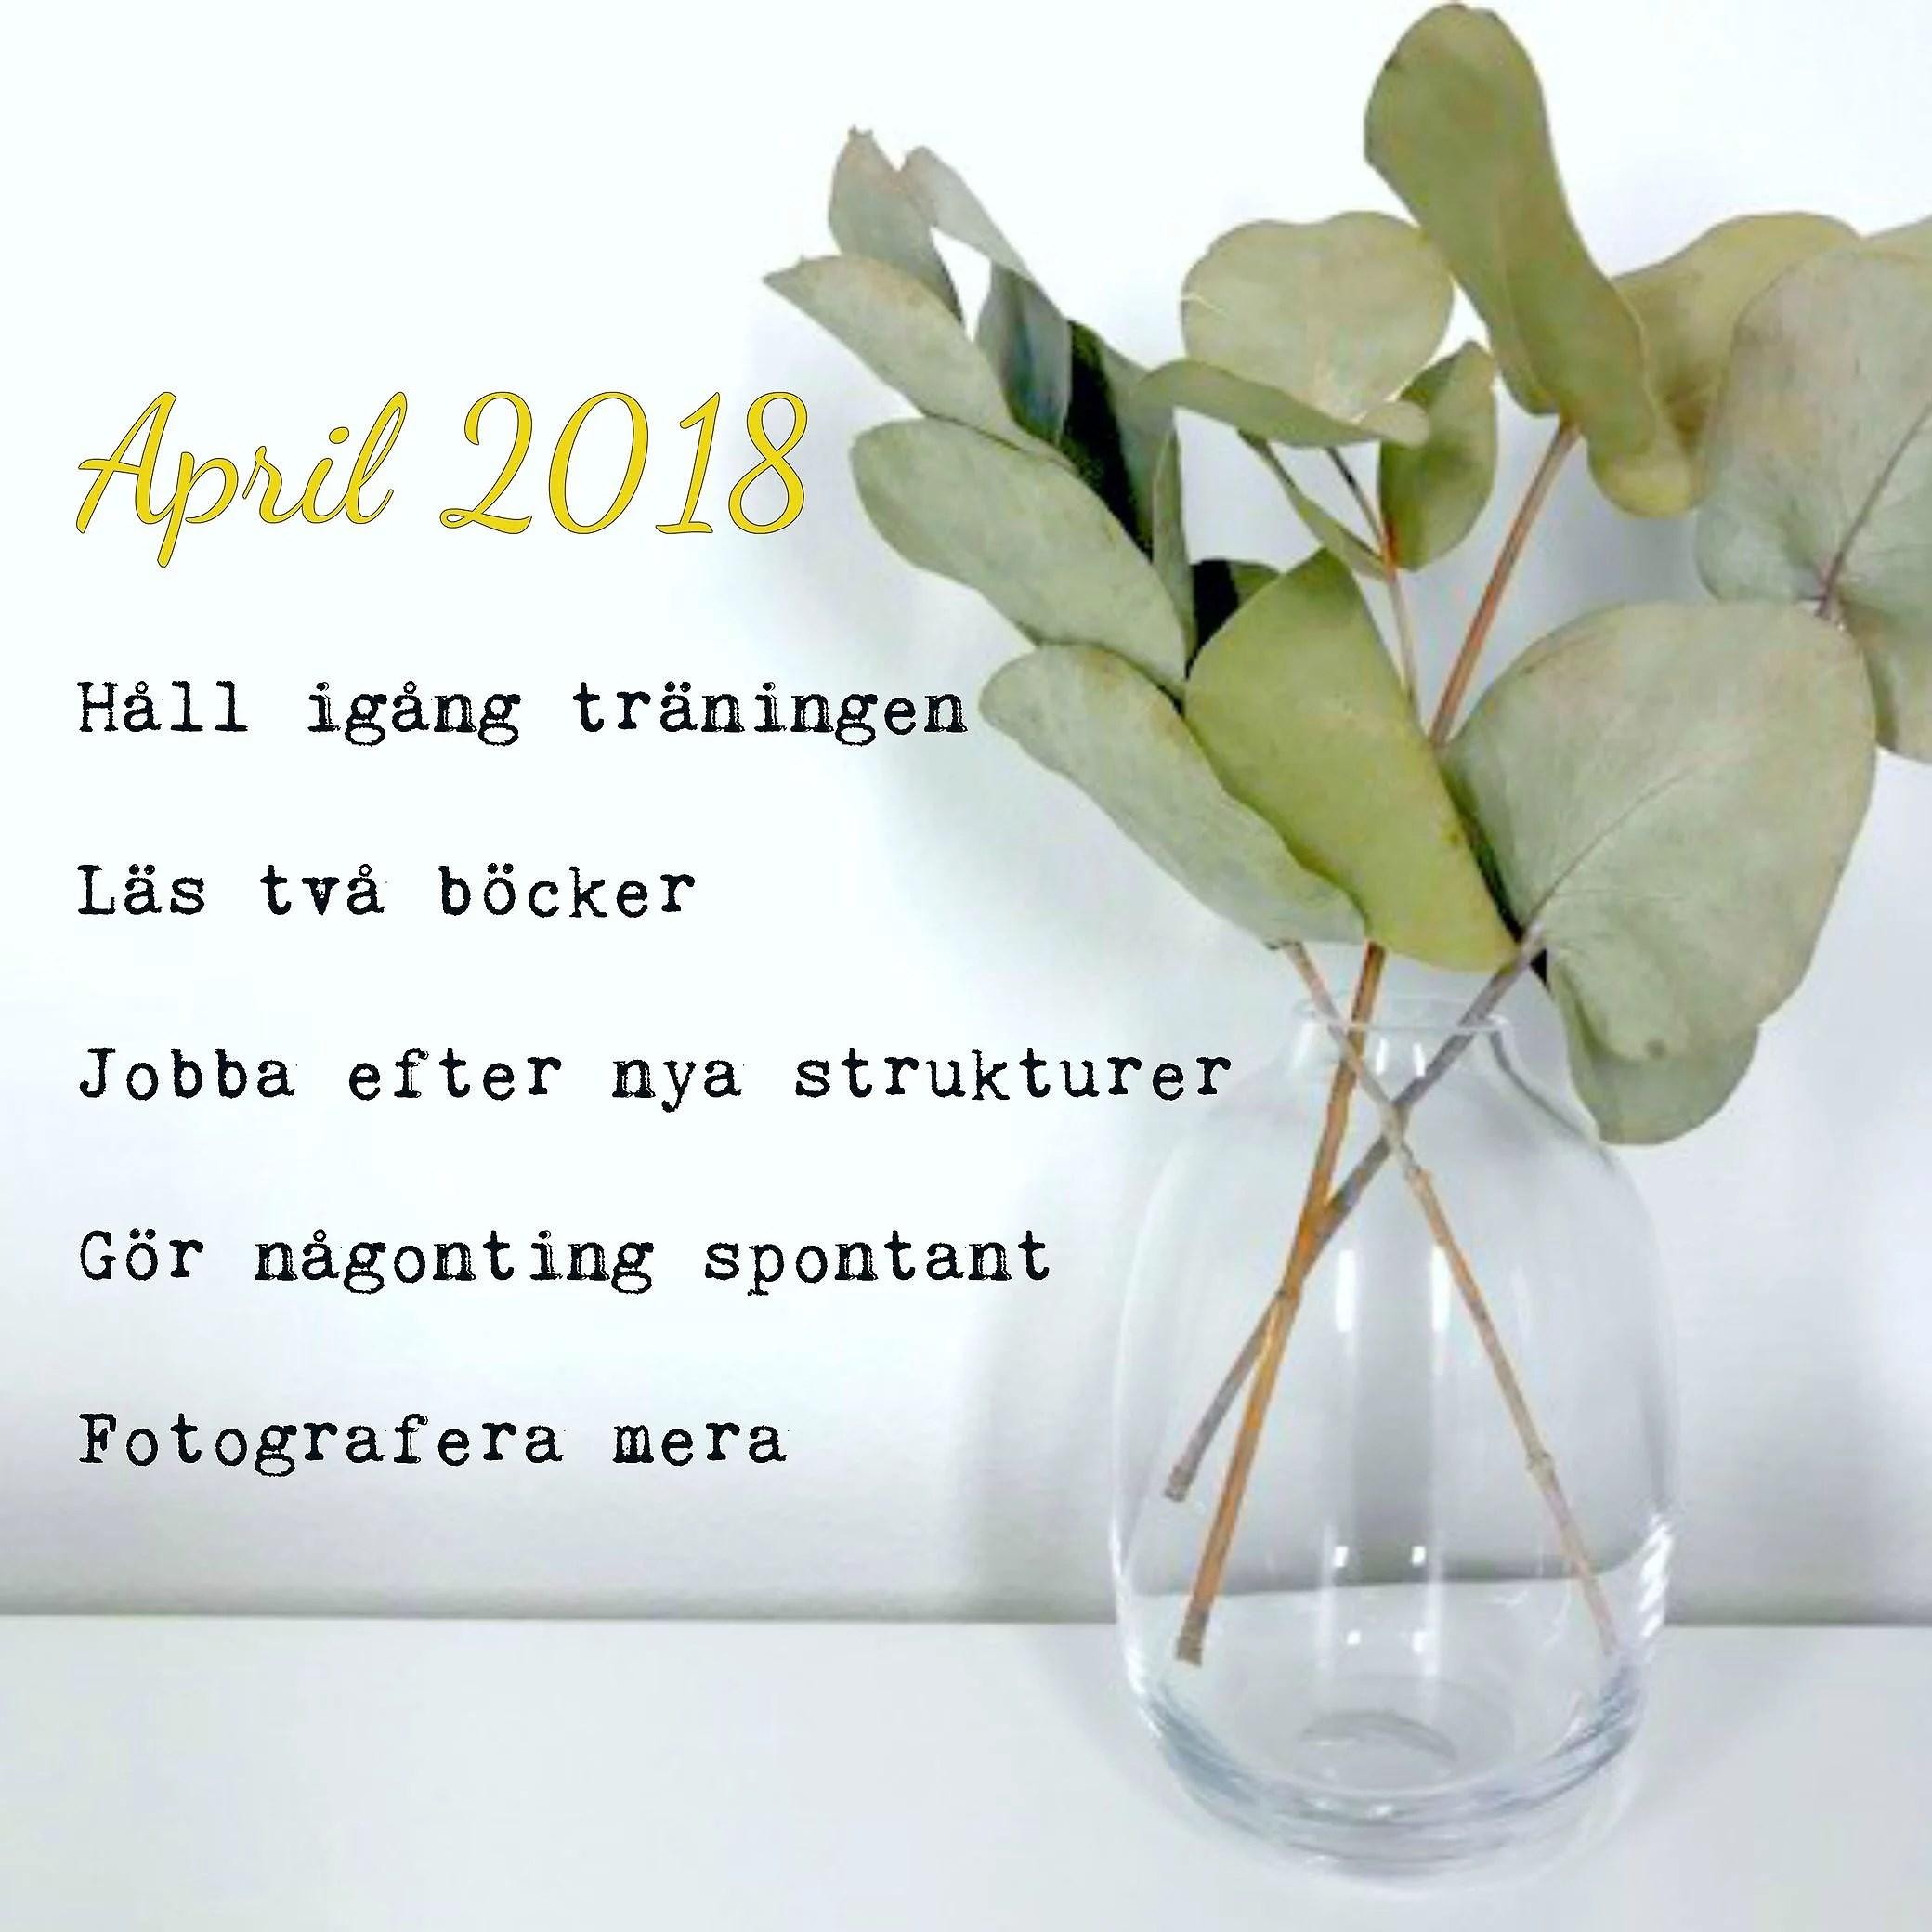 Välkommen, April!